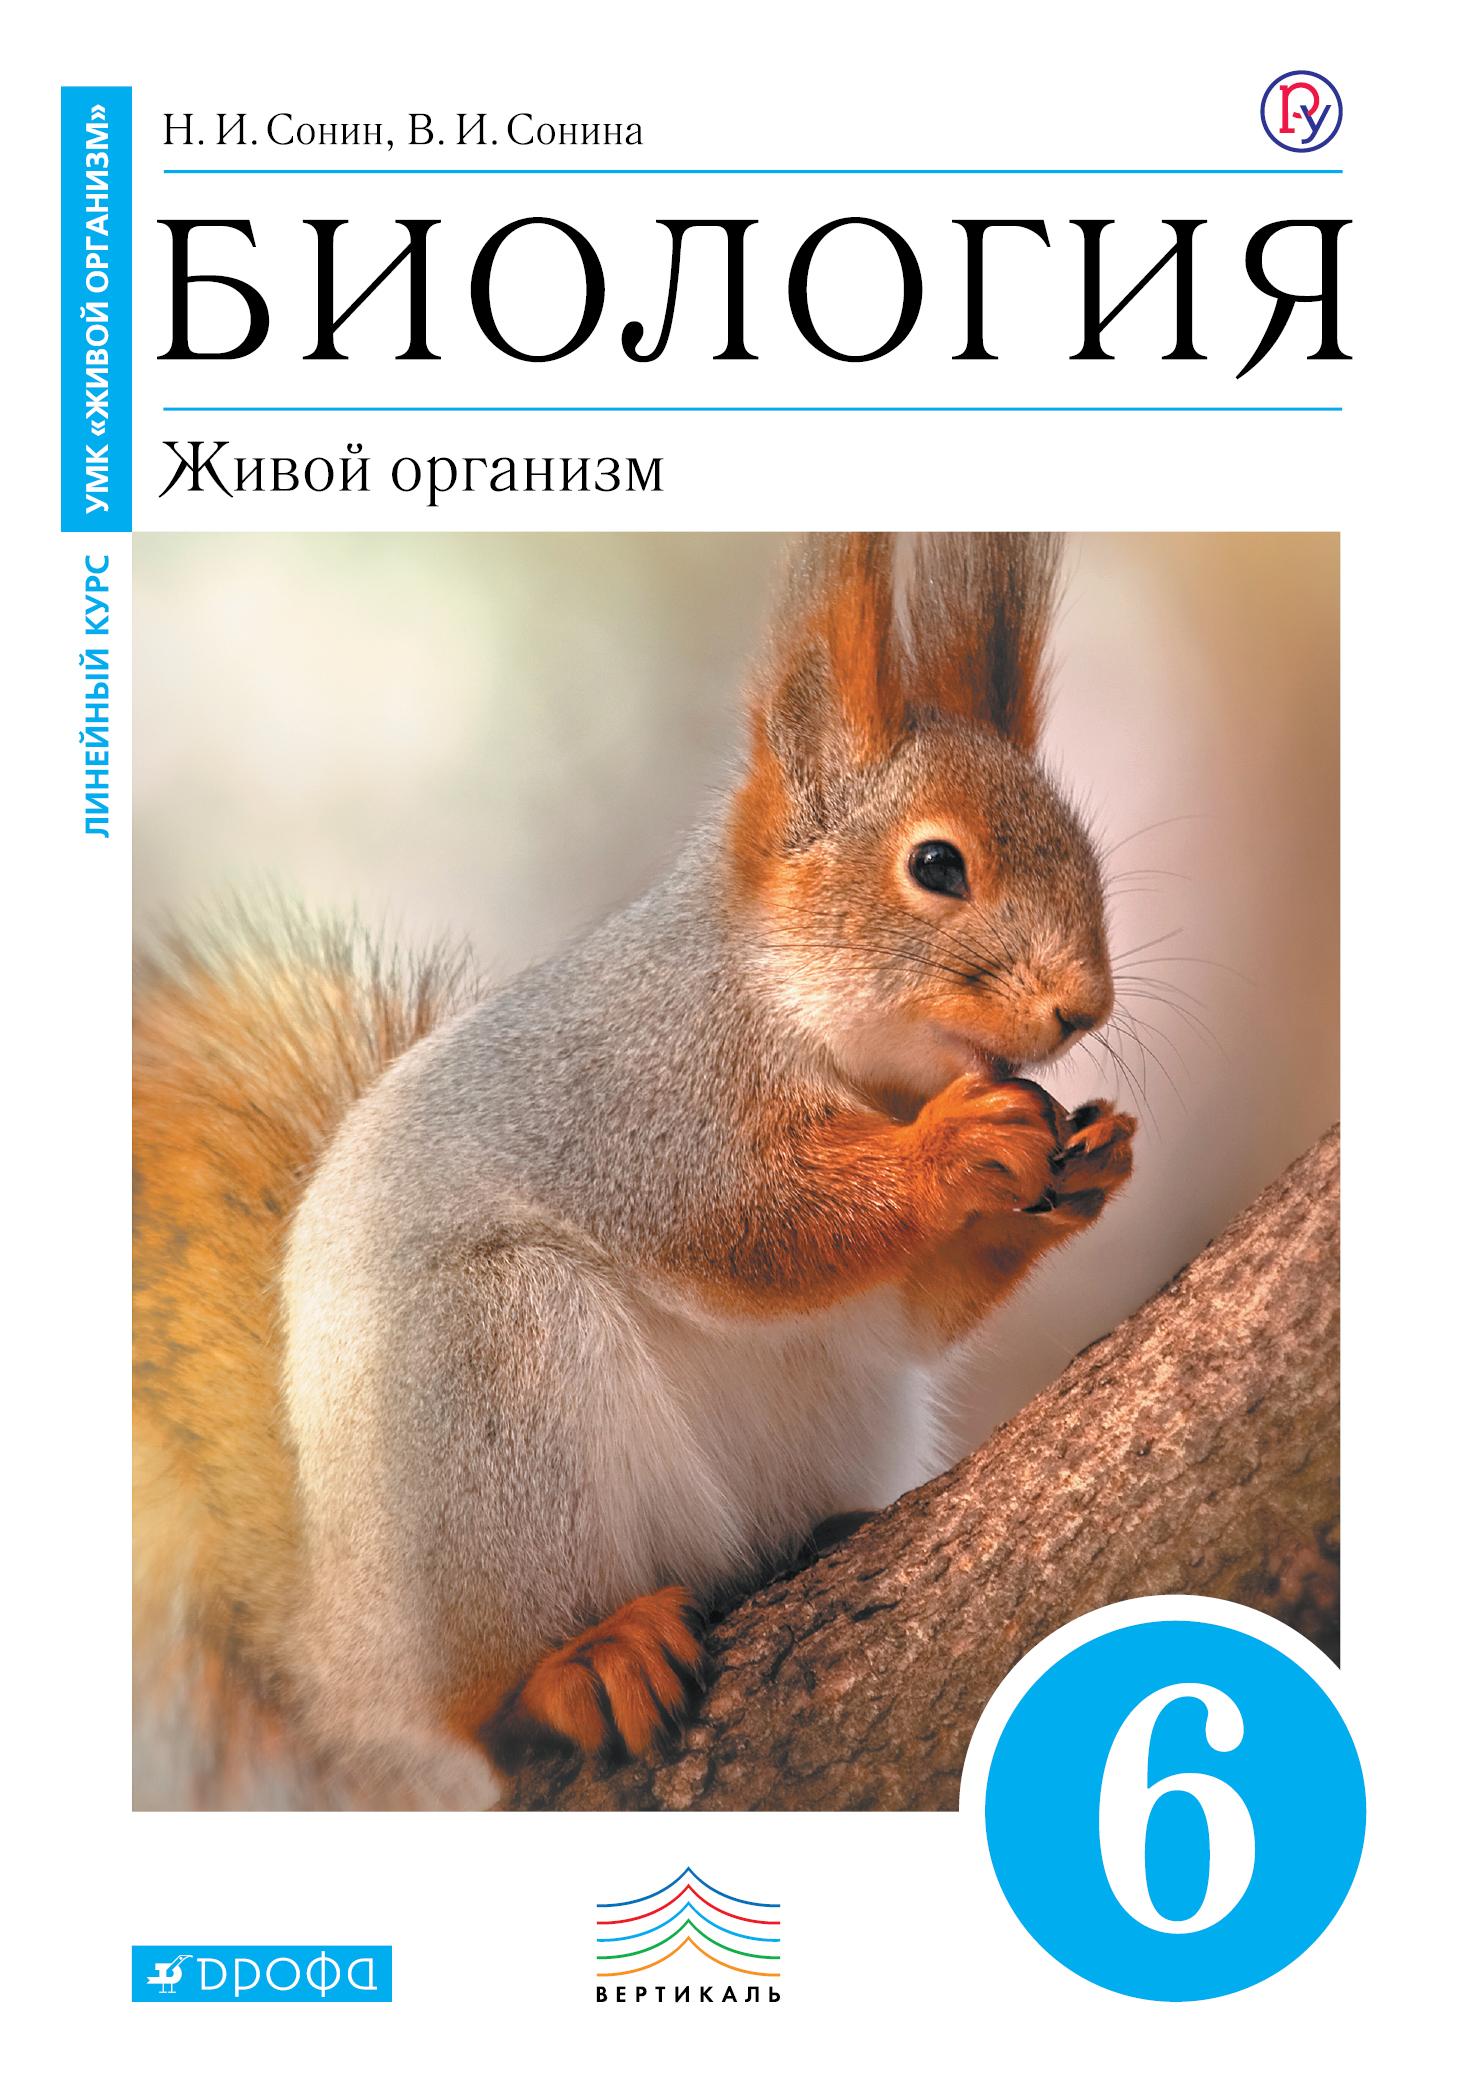 Биология. Живой организм. 6 класс. Учебник